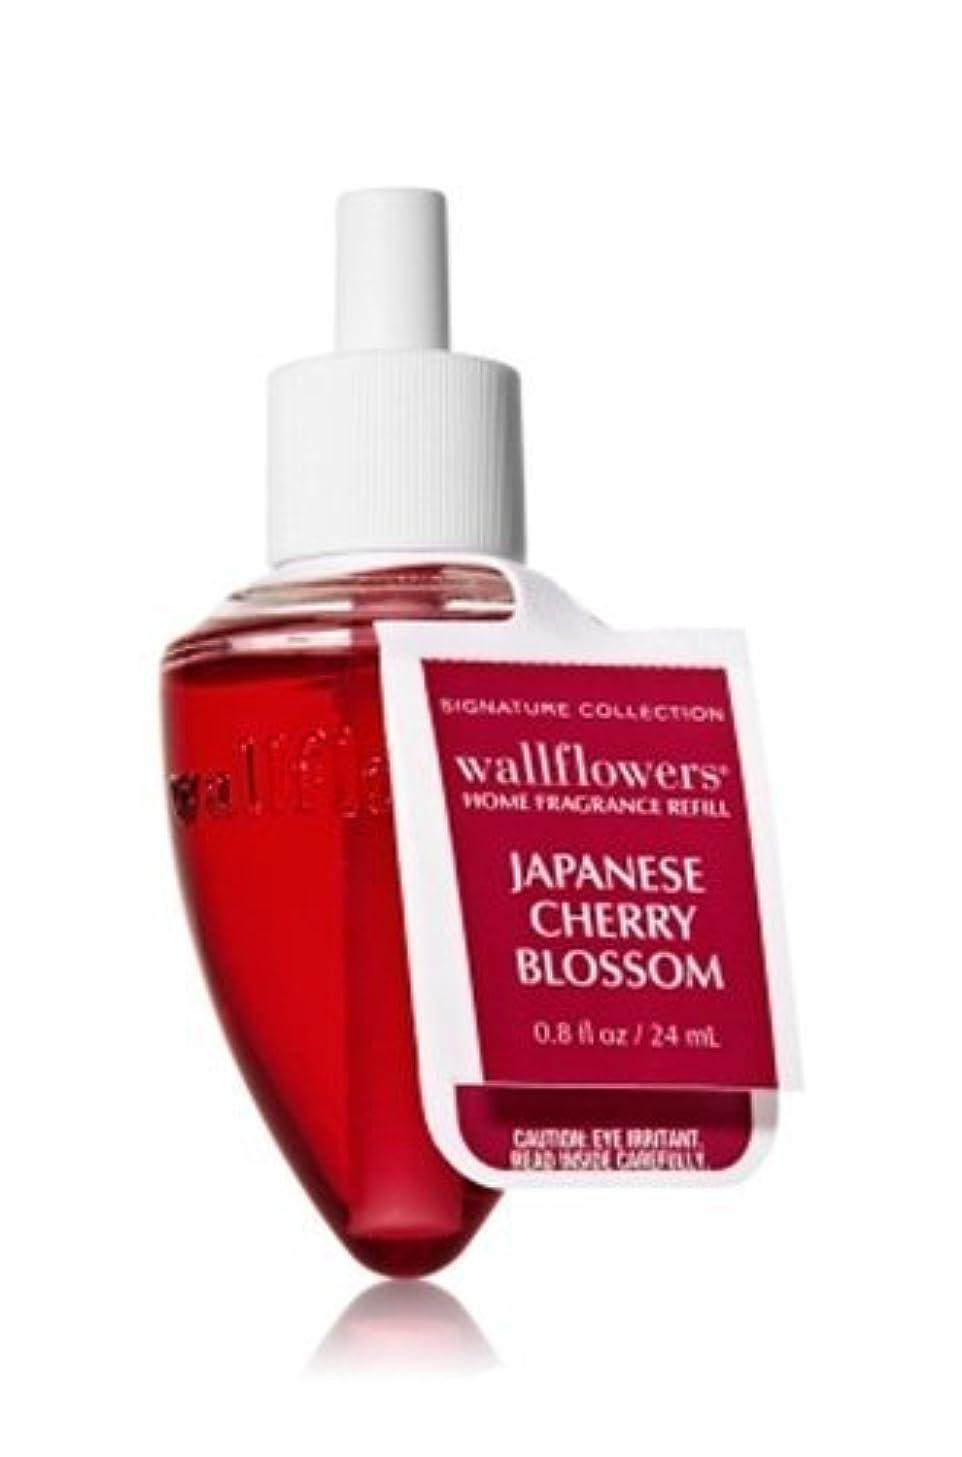 半径ベルト財布Bath & Body Works(バス&ボディワークス)ジャパニーズチェリーブロッサム ホームフレグランス レフィル(本体は別売りです)Japanese Cherry Blossom Wallflowers Refill Single Bottles [並行輸入品]